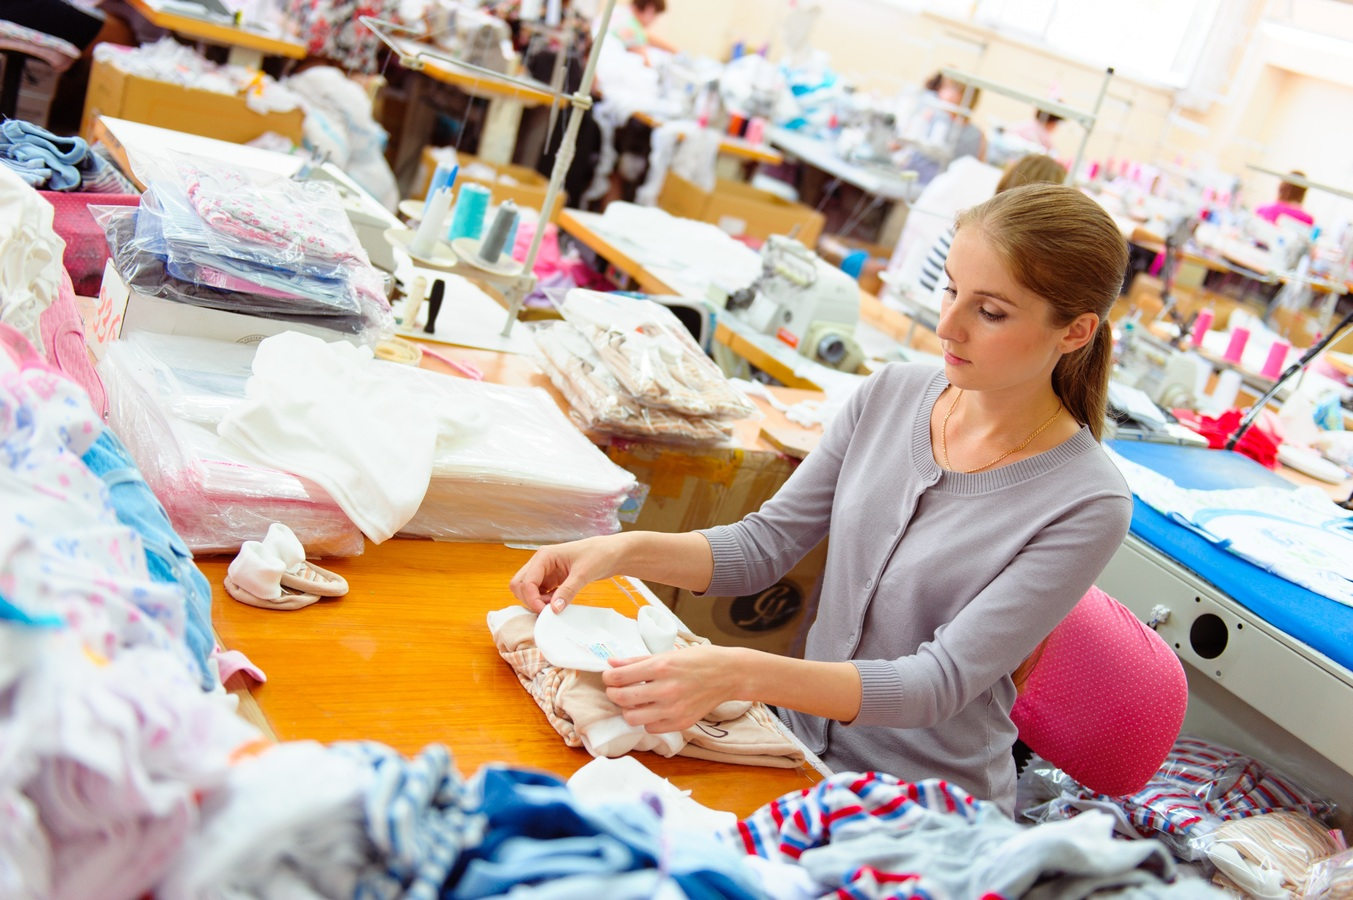 Foto di una lavoratrice - PROMODA - Gestionale per aziende di produzione abbigliamento